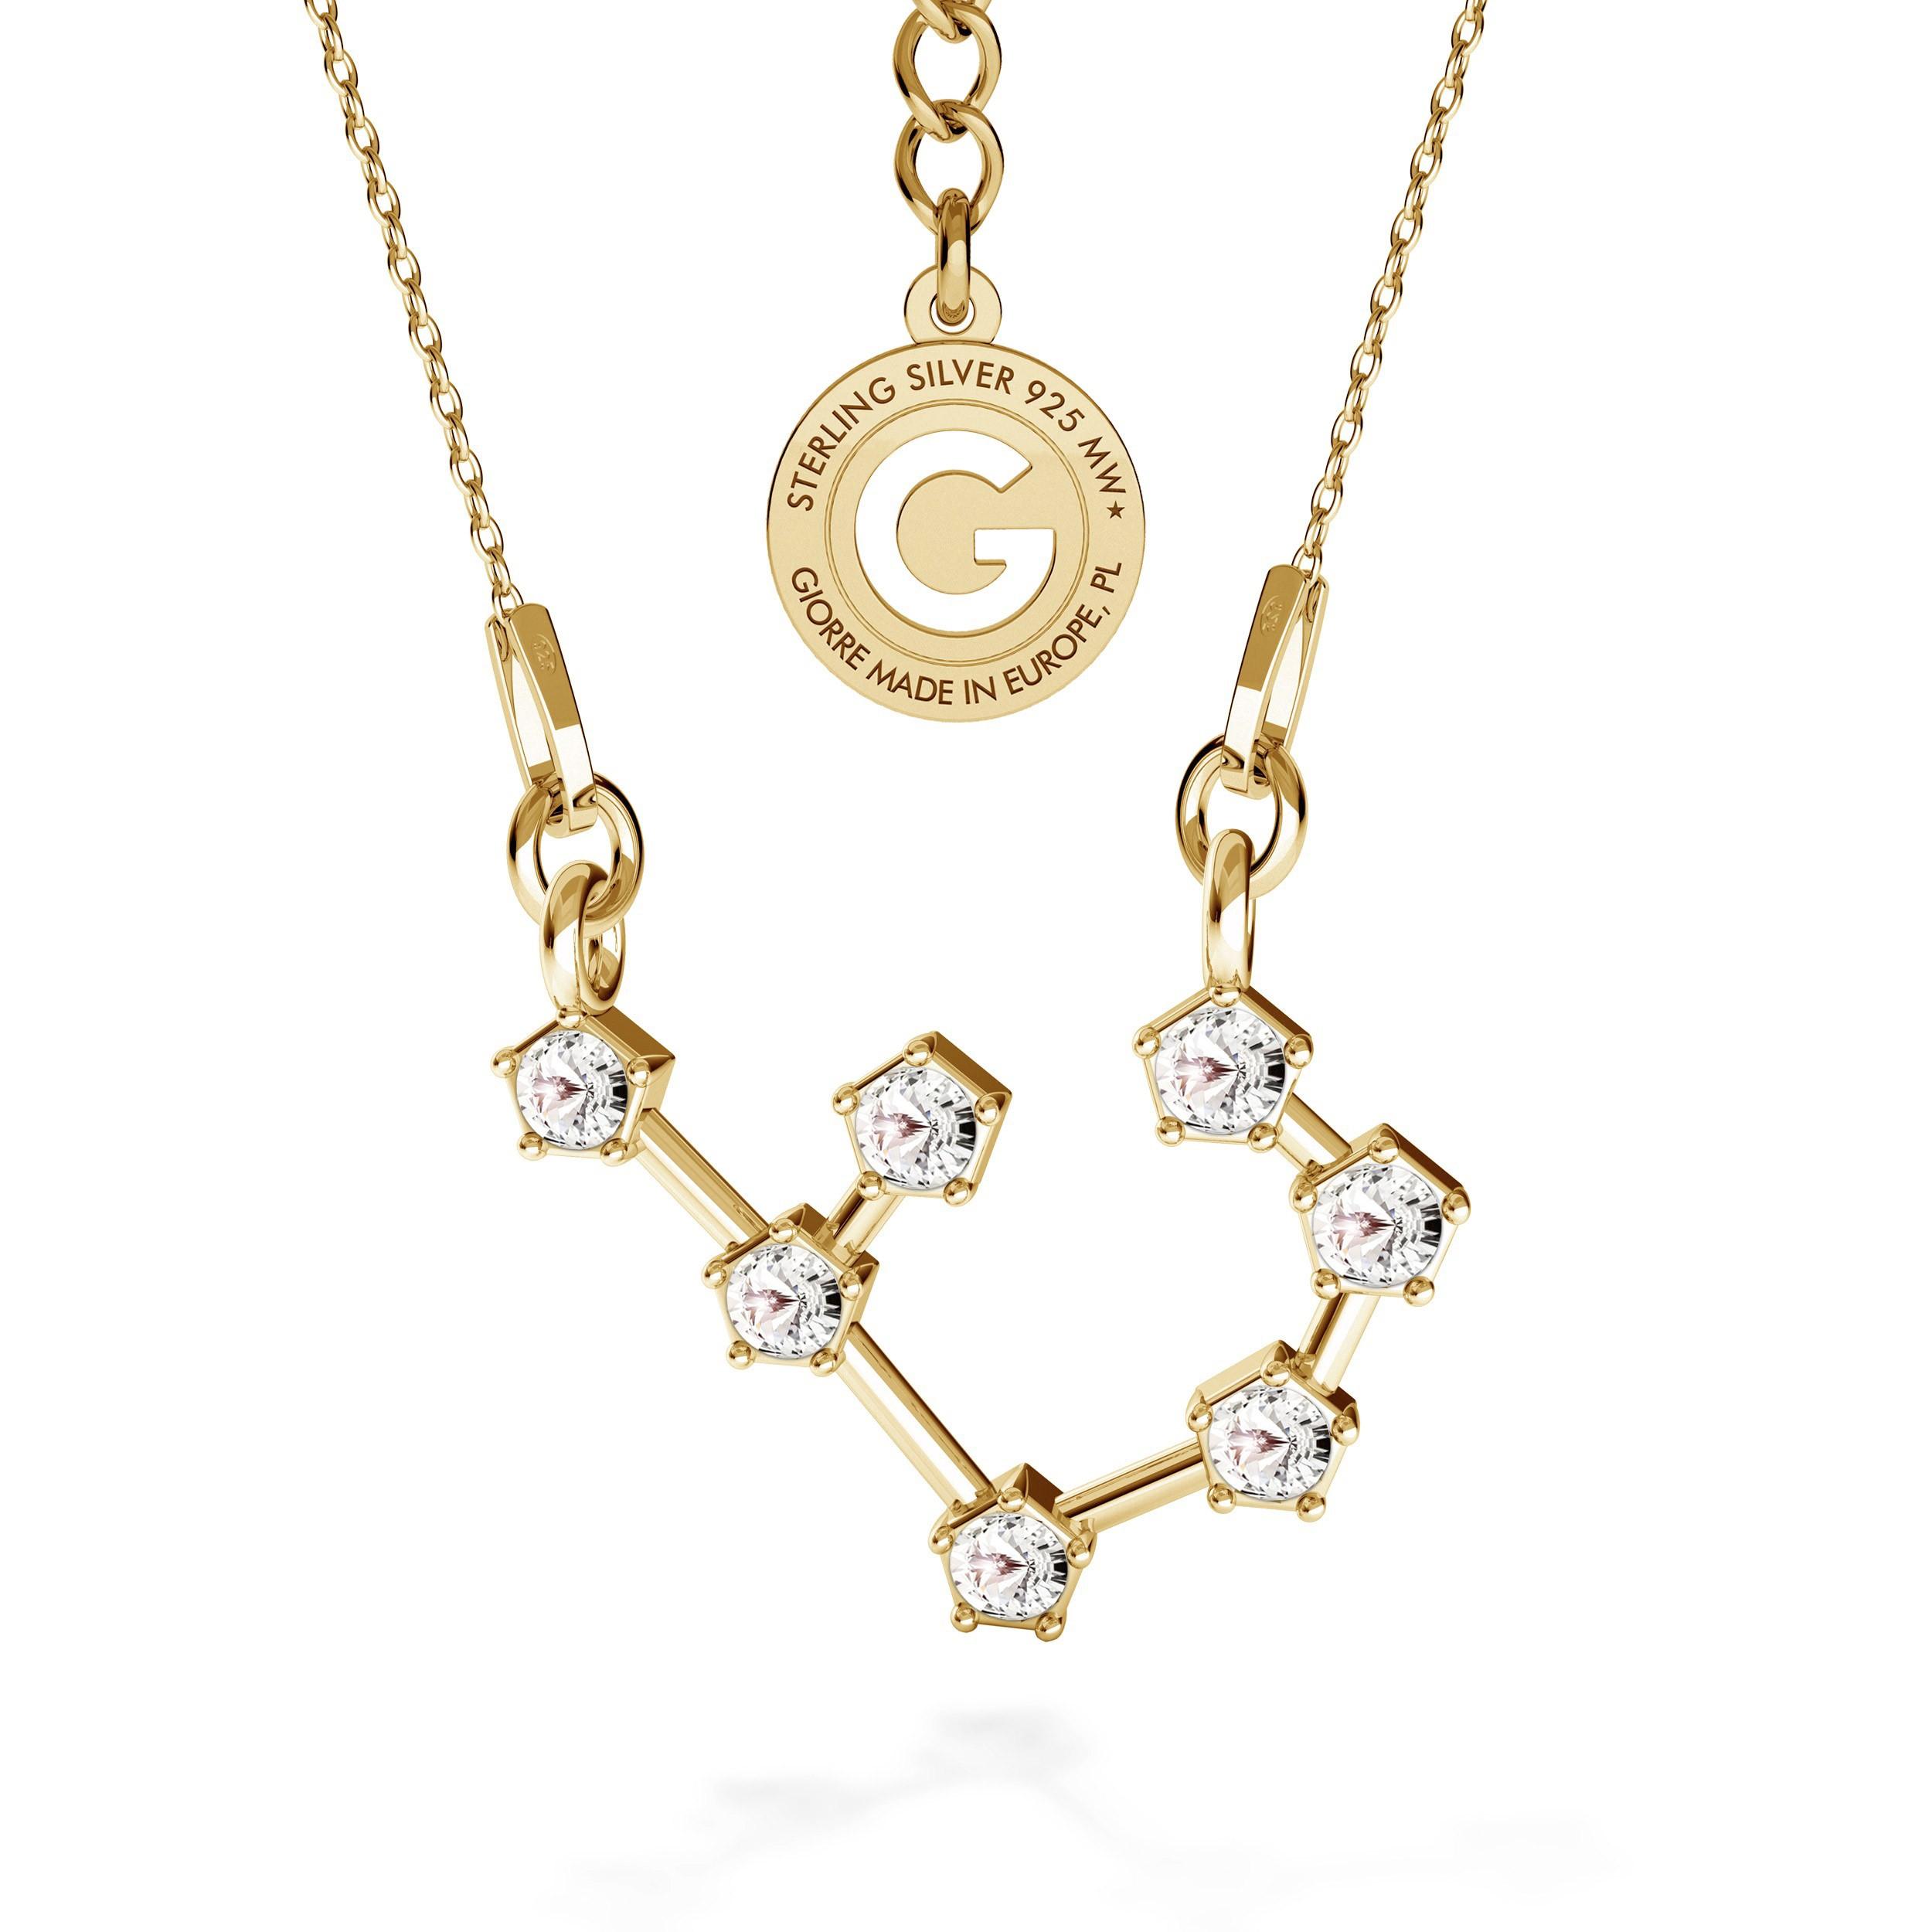 SAGITARIO signo del zodiaco collar plata 925 Swarovski